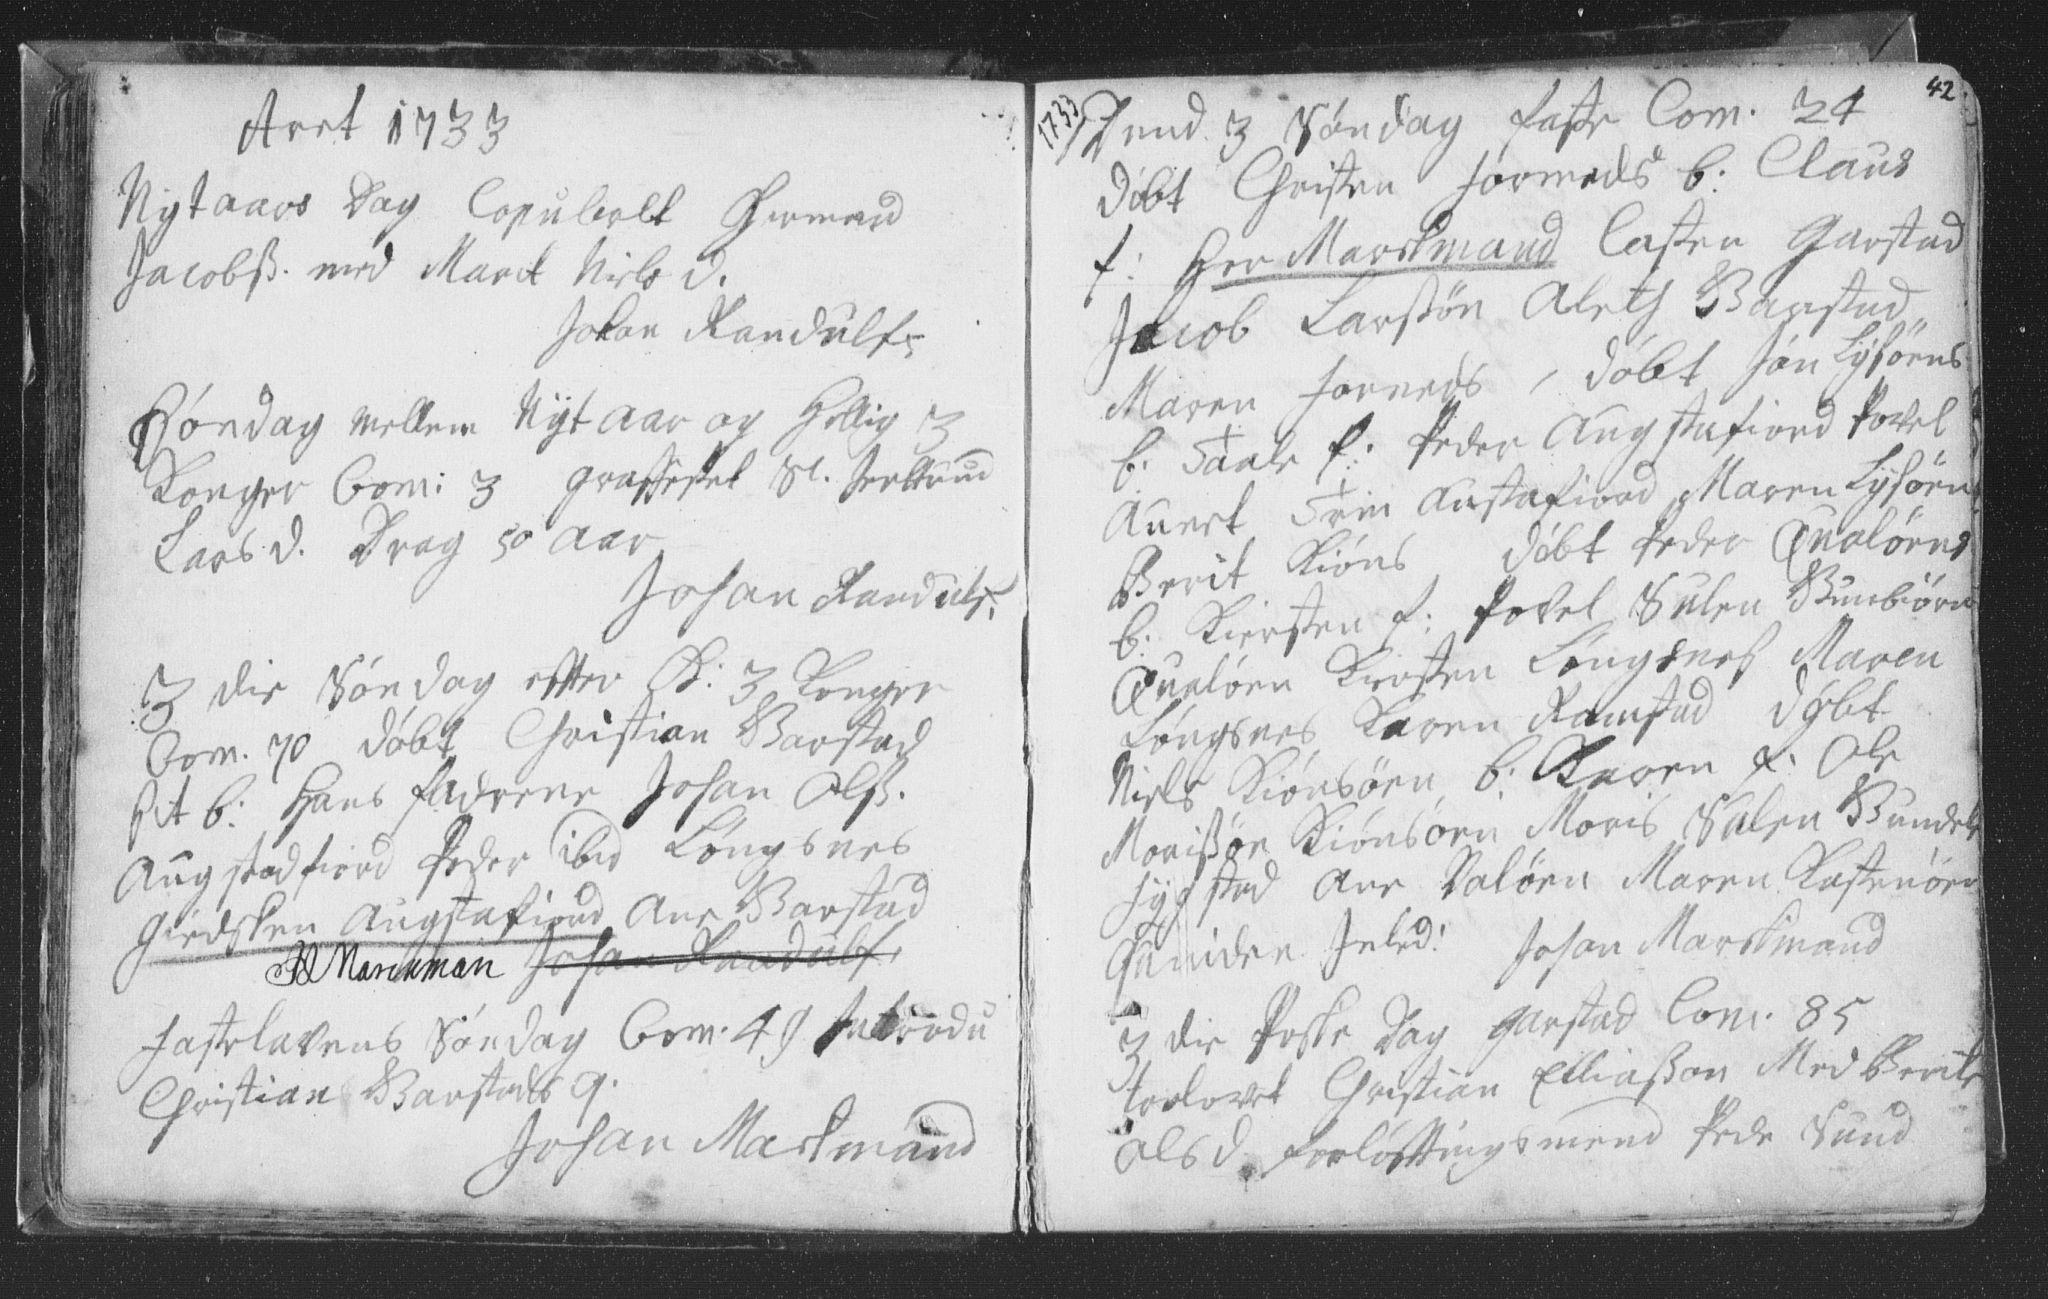 SAT, Ministerialprotokoller, klokkerbøker og fødselsregistre - Nord-Trøndelag, 786/L0685: Ministerialbok nr. 786A01, 1710-1798, s. 42